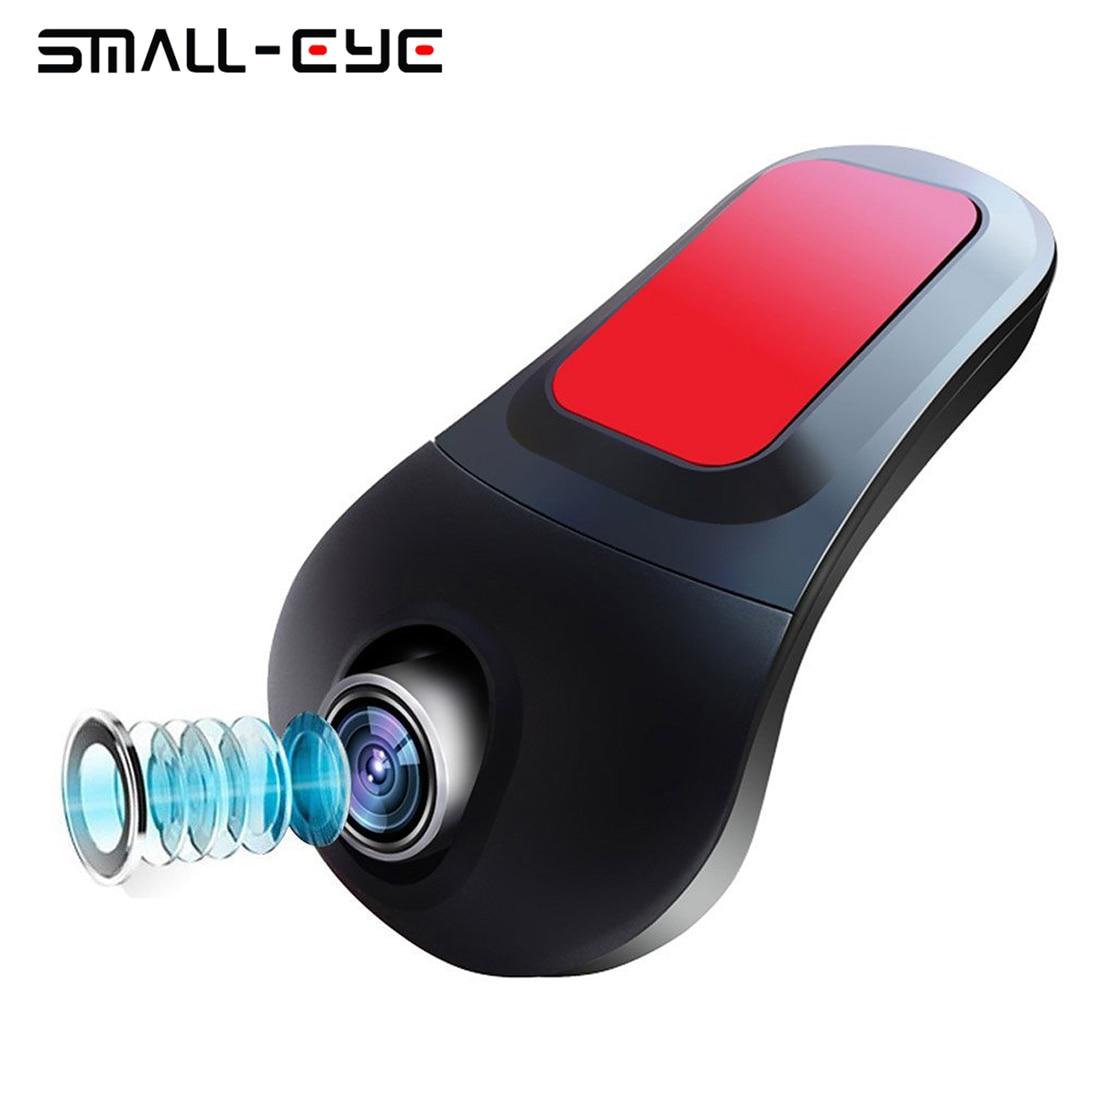 SMALL-EYE Voiture DVR Registrator Dash Caméra Cam Enregistreur Vidéo Numérique Caméscope 1080 P Nuit Vision Novatek 96655 IMX 322 WiFi